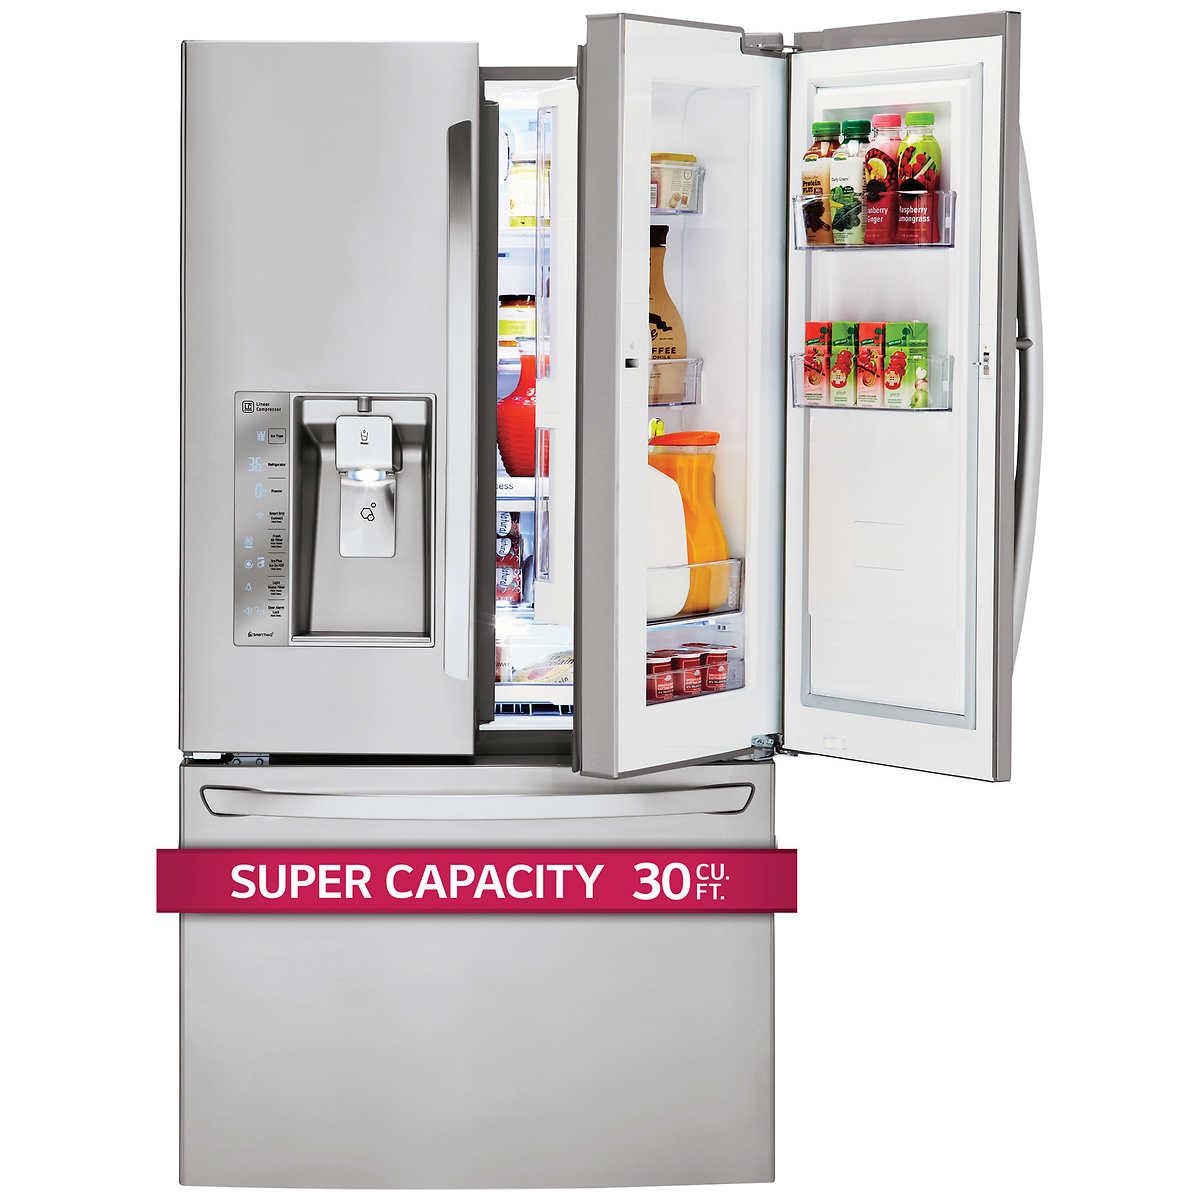 Lg 30cuft super capacity 3 door french door stainless steel 1 1 rubansaba